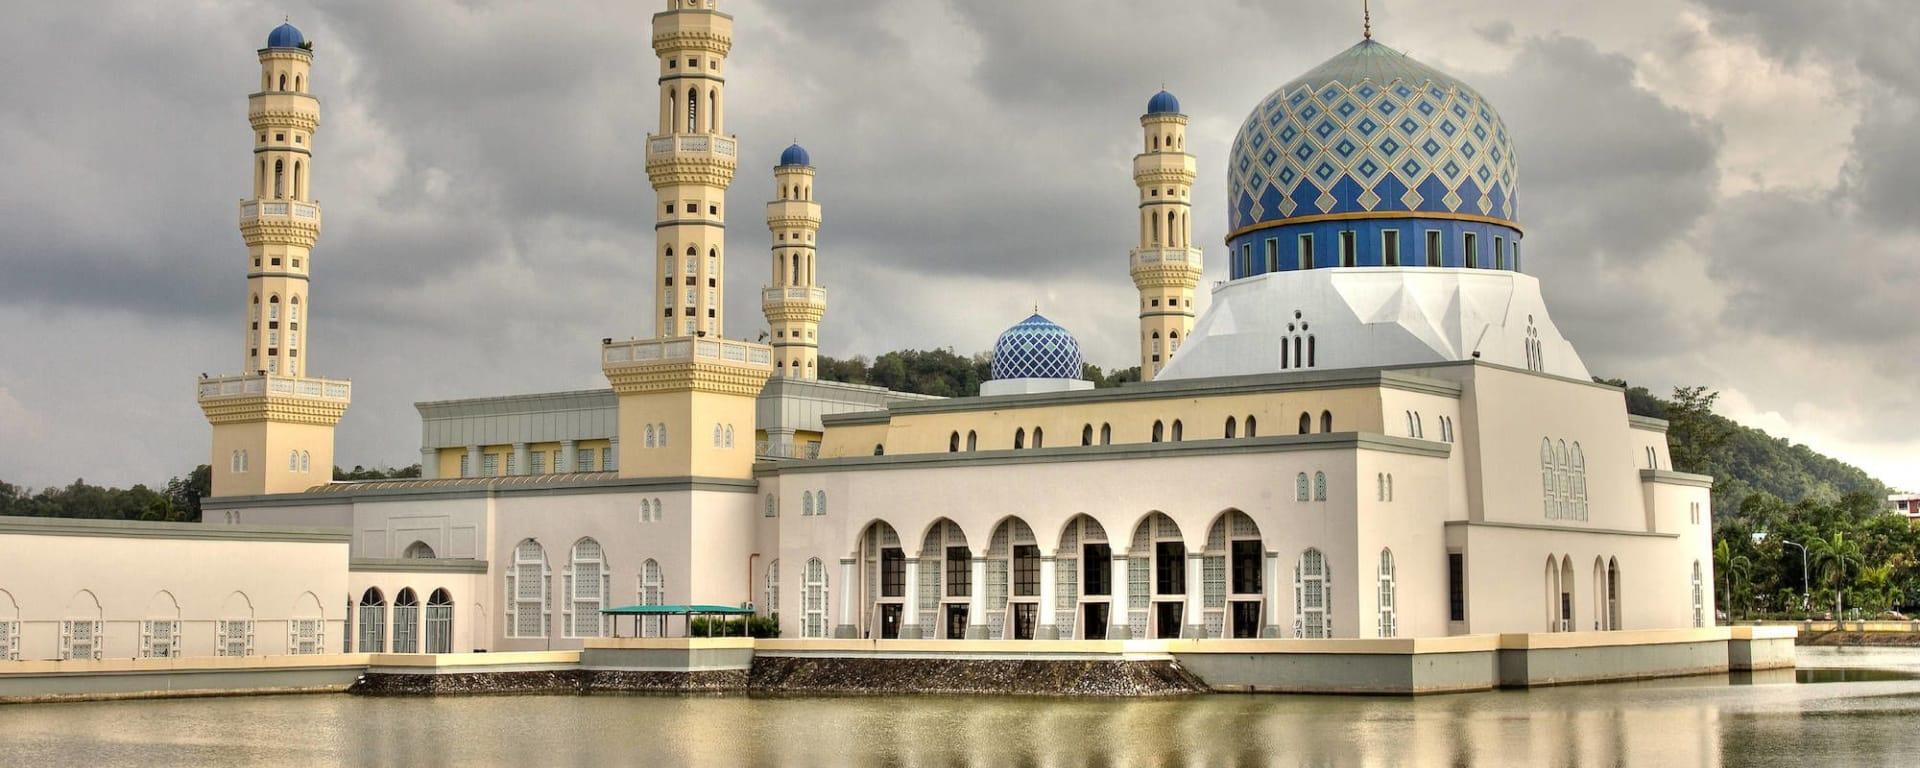 Tour de ville de Kota Kinabalu: Kota Kinabalu: Masjid Terapung Likas - City Mosque